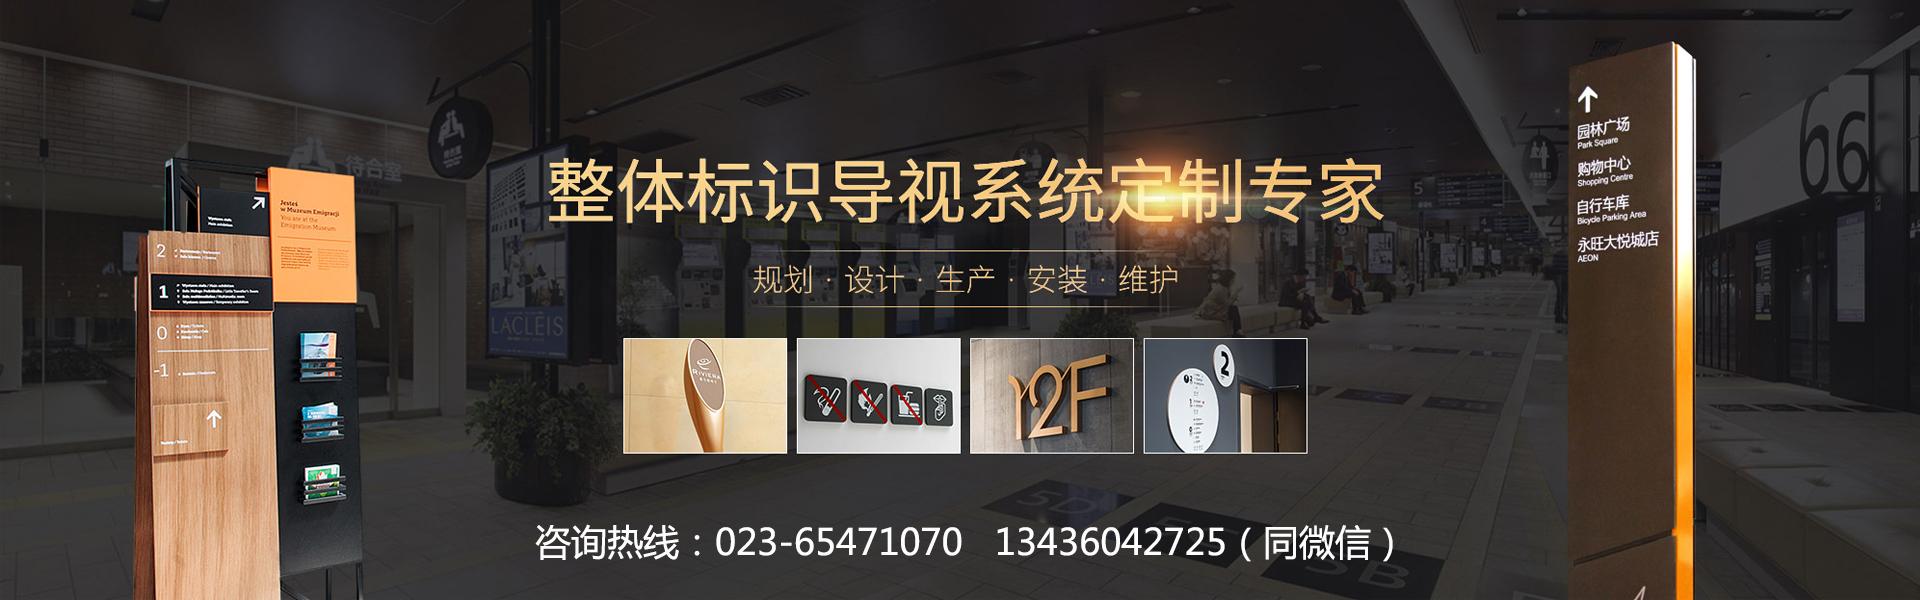 金巨和广告是一家专业从事LOGO墙、形象墙、亚克力发光字、亚克力标牌、LED发光字、LED通体发光字